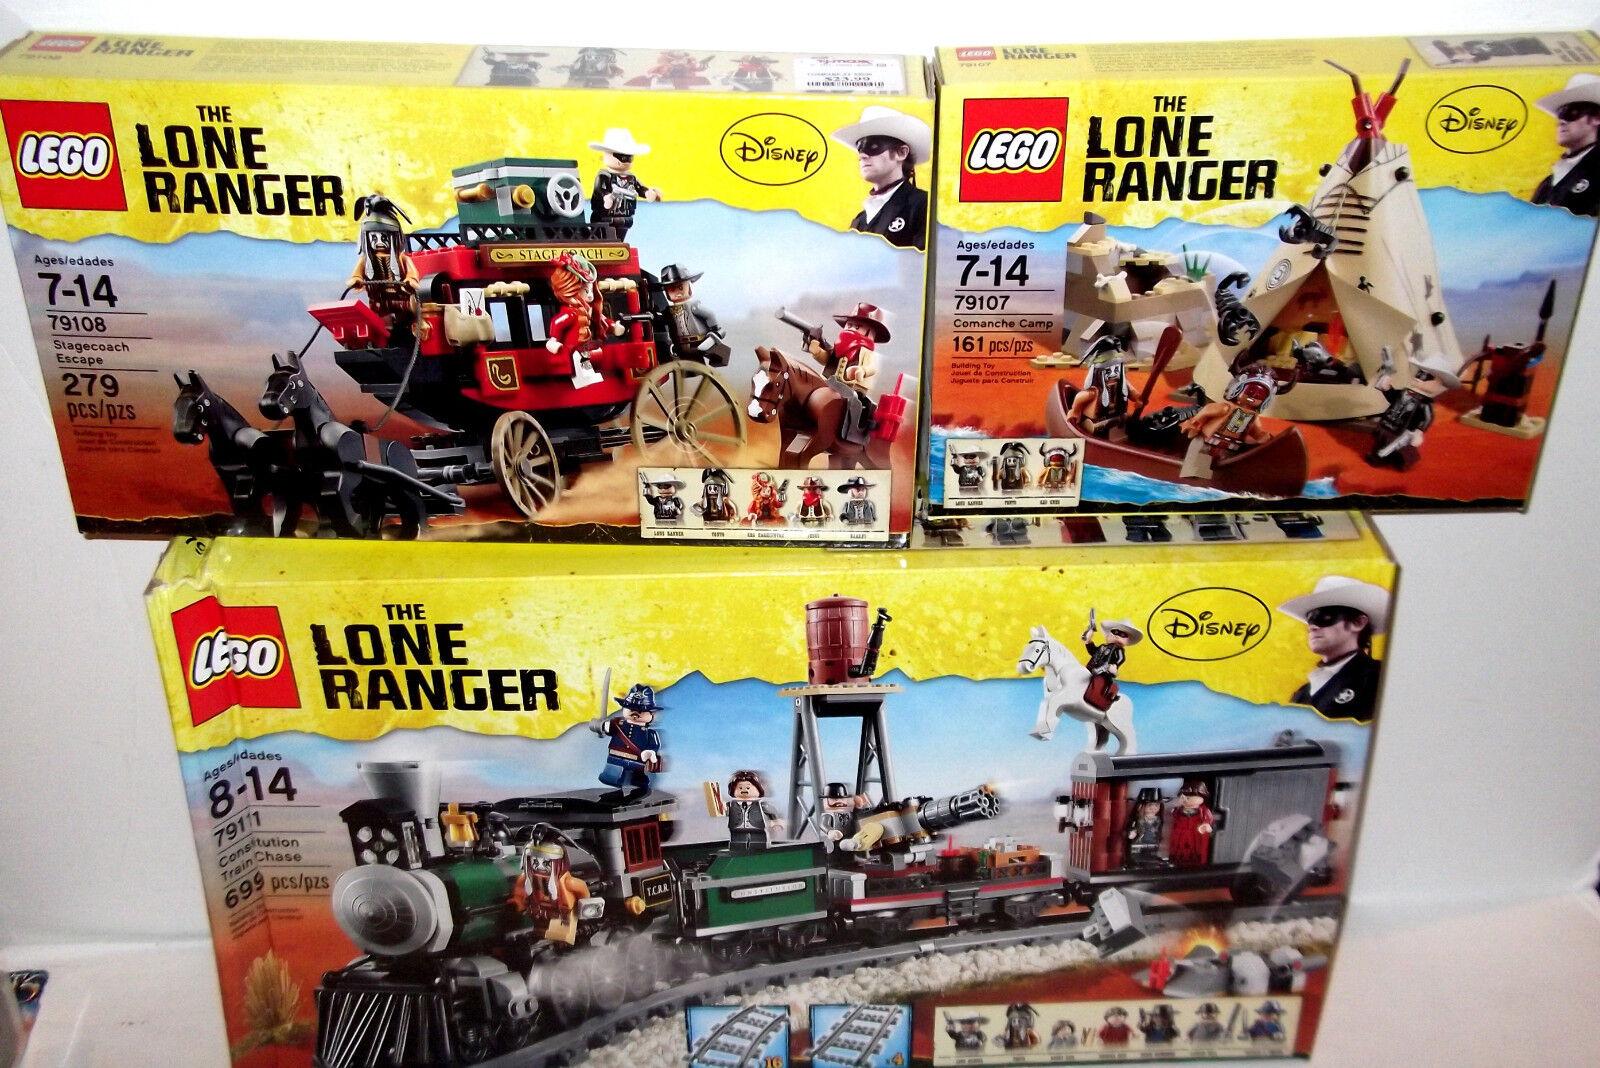 LEGO LOT  ✰ LONE RANGER Constitution Train ✰ 79111 79108 79107 retirosso nuovo SEALED  sconti e altro